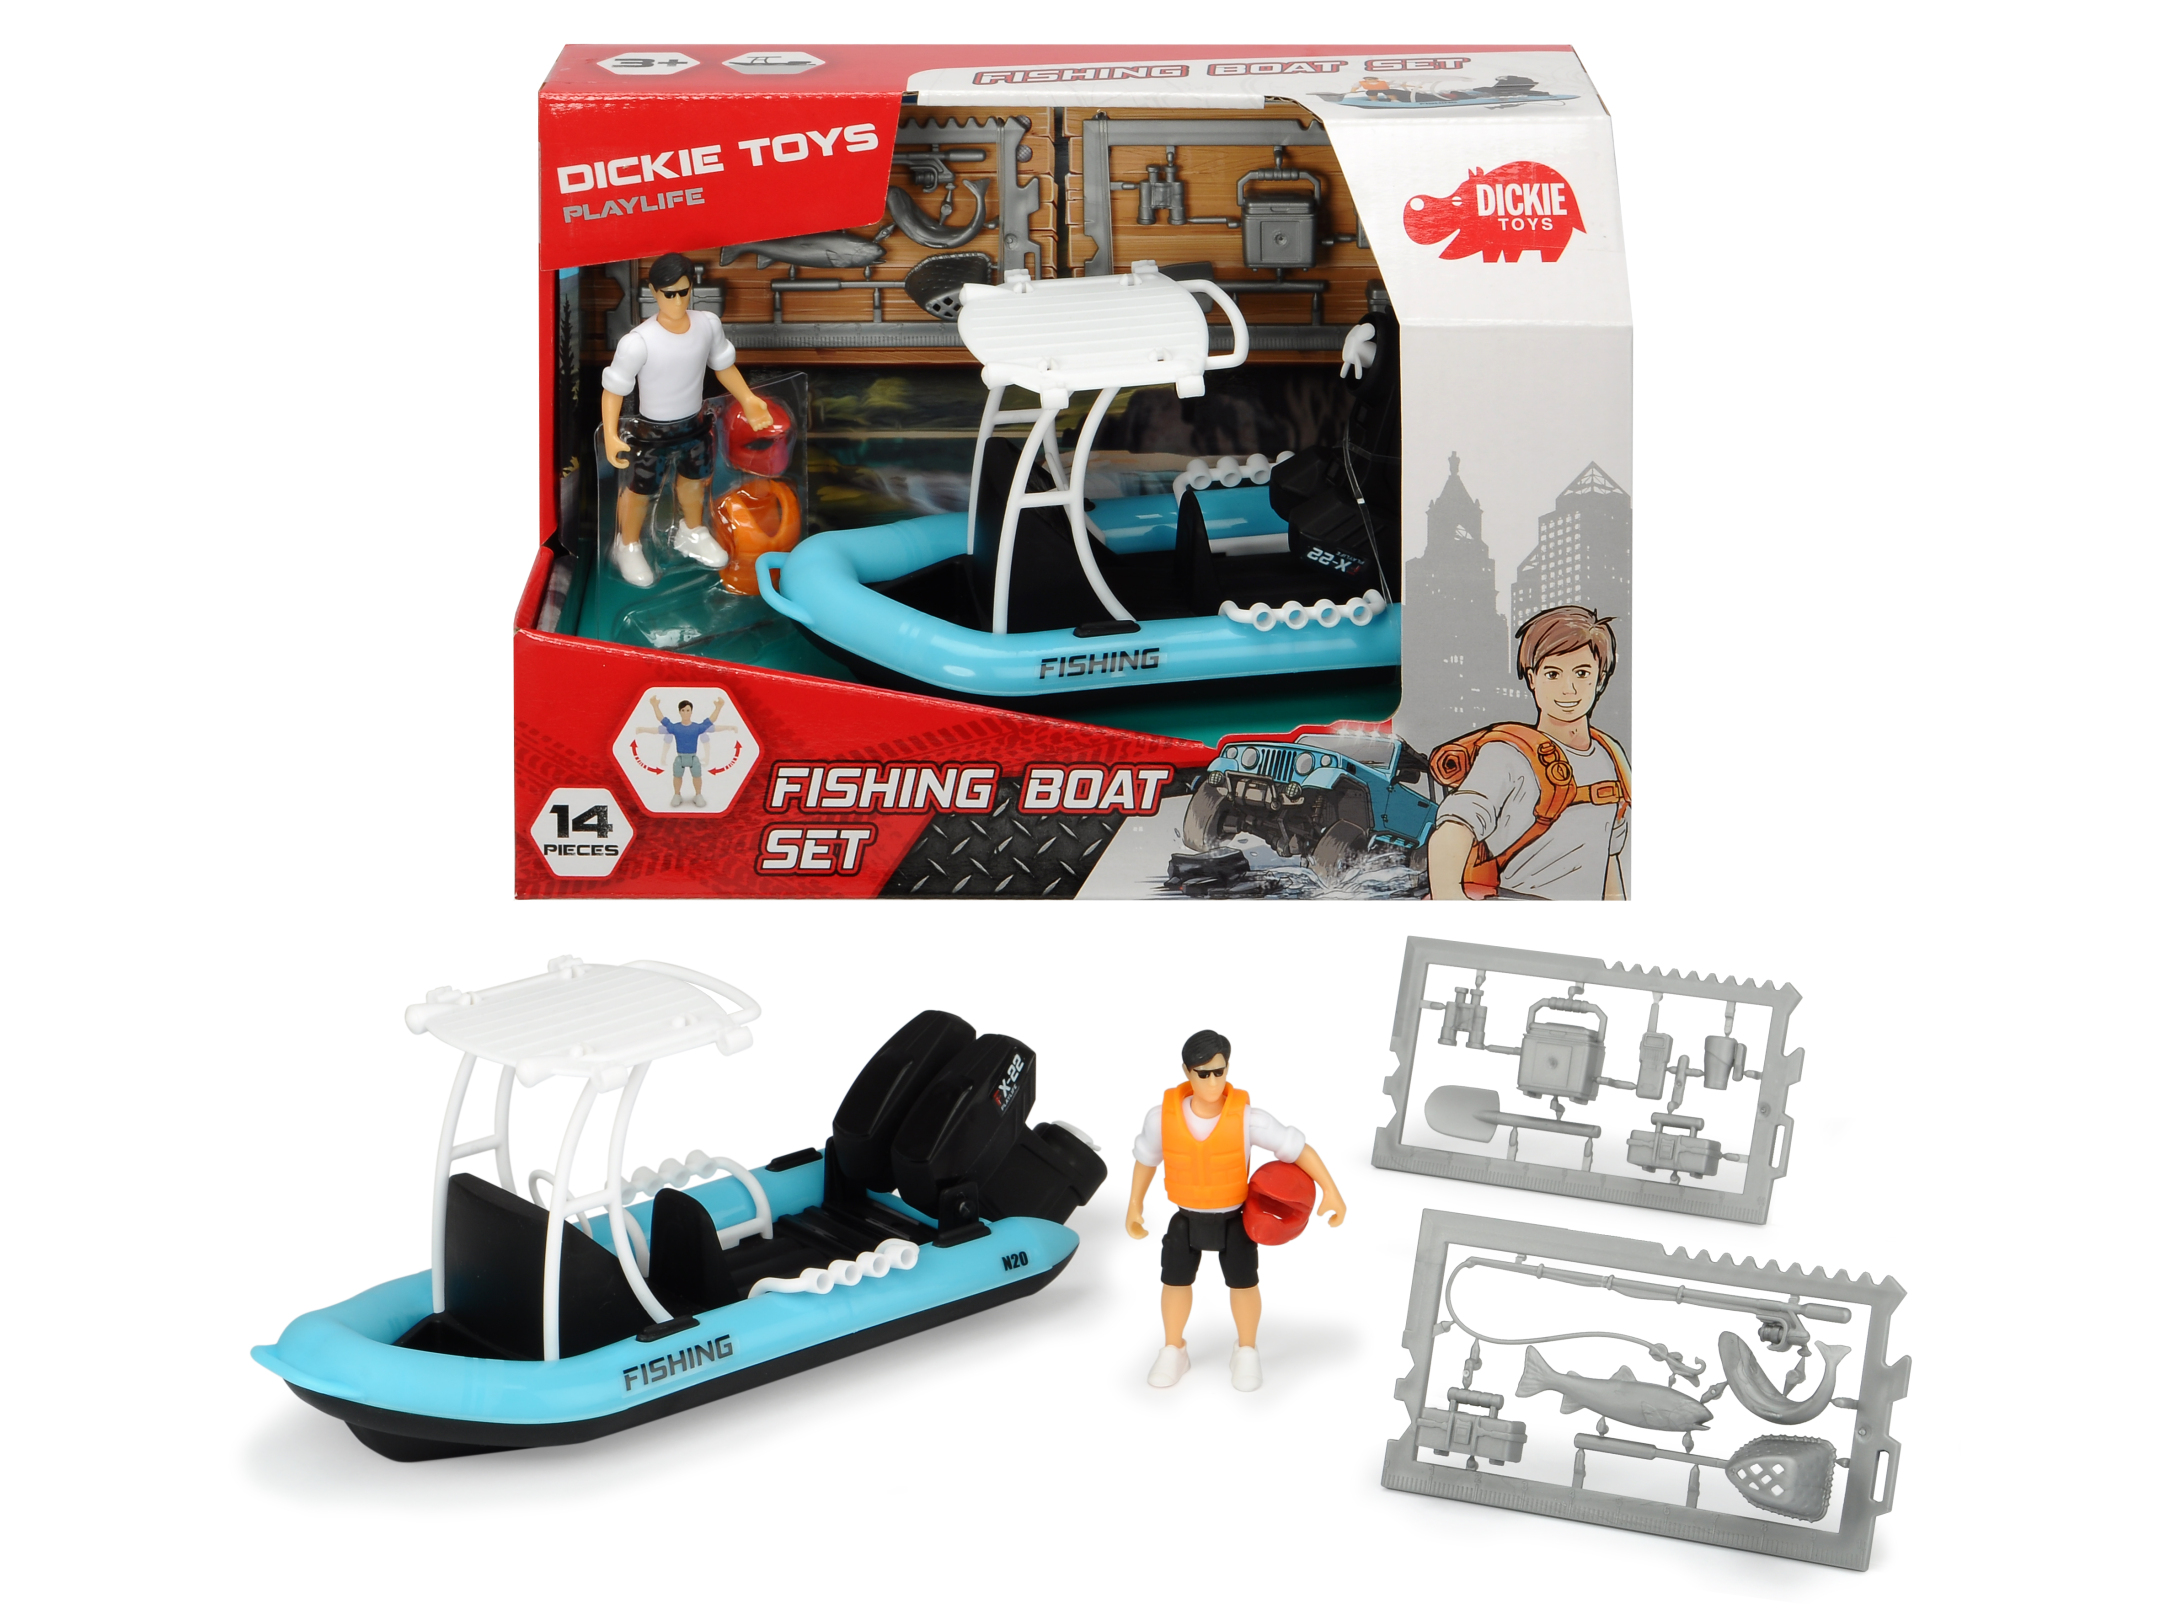 Playlife - Fishing Boat